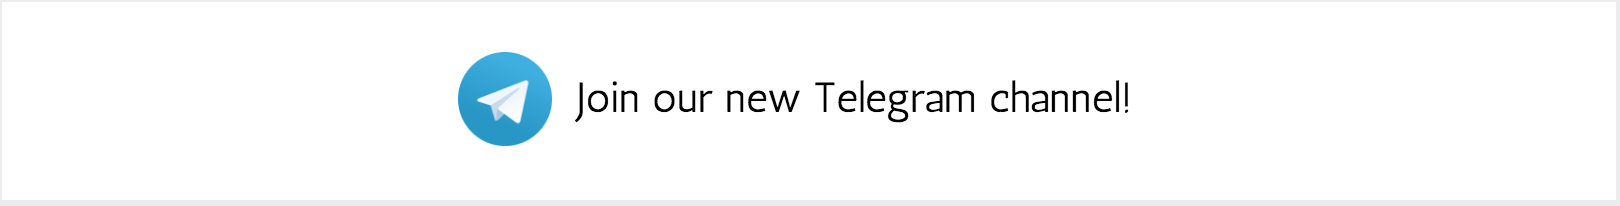 Join us on Telegram!